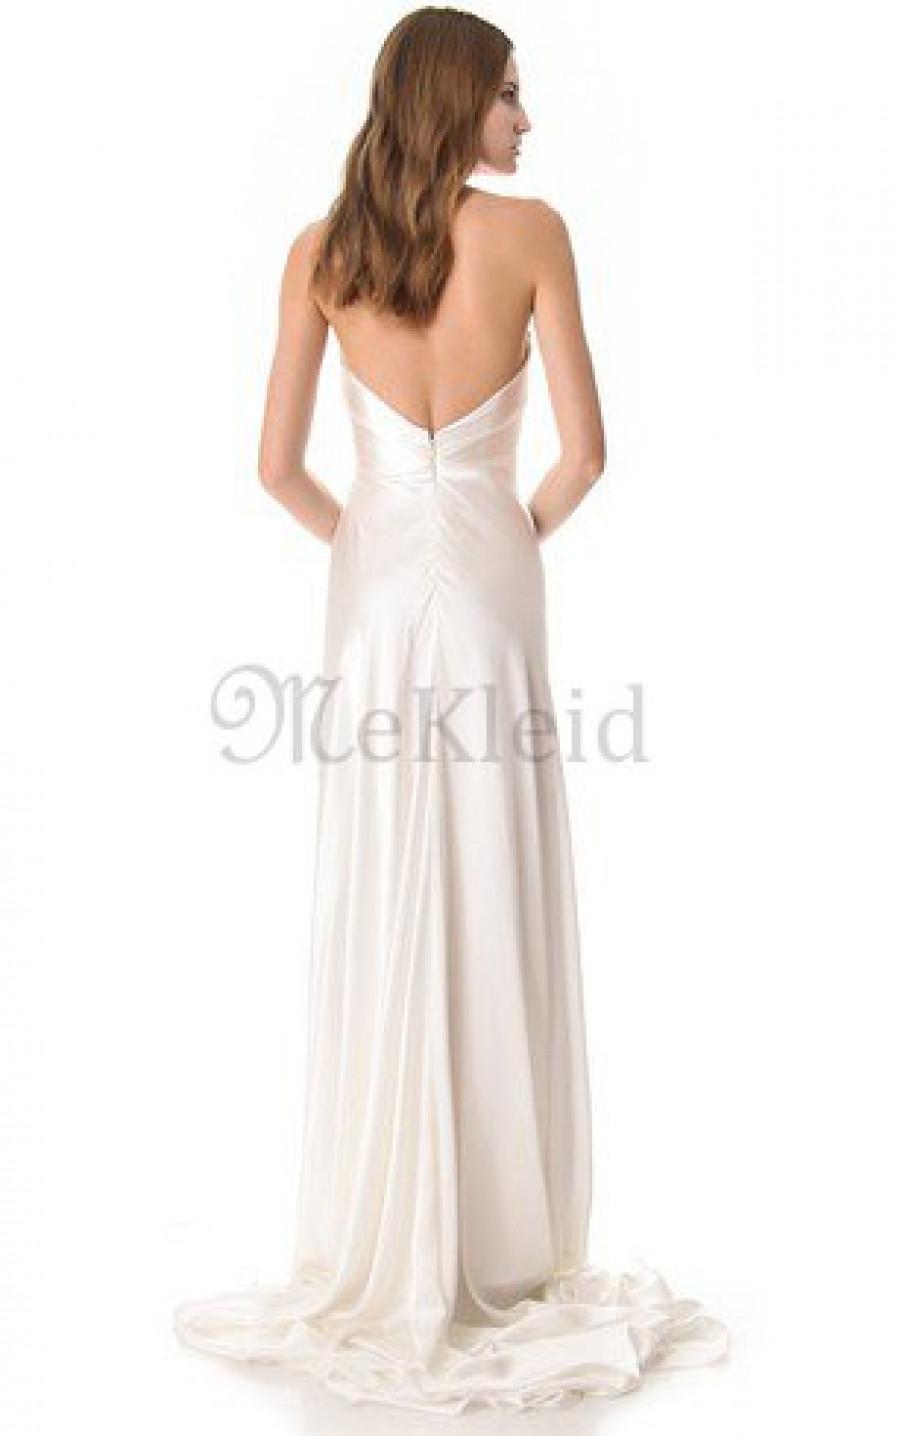 Als ich mit meiner Schwester zum ersten Mal Brautkleider anprobierte